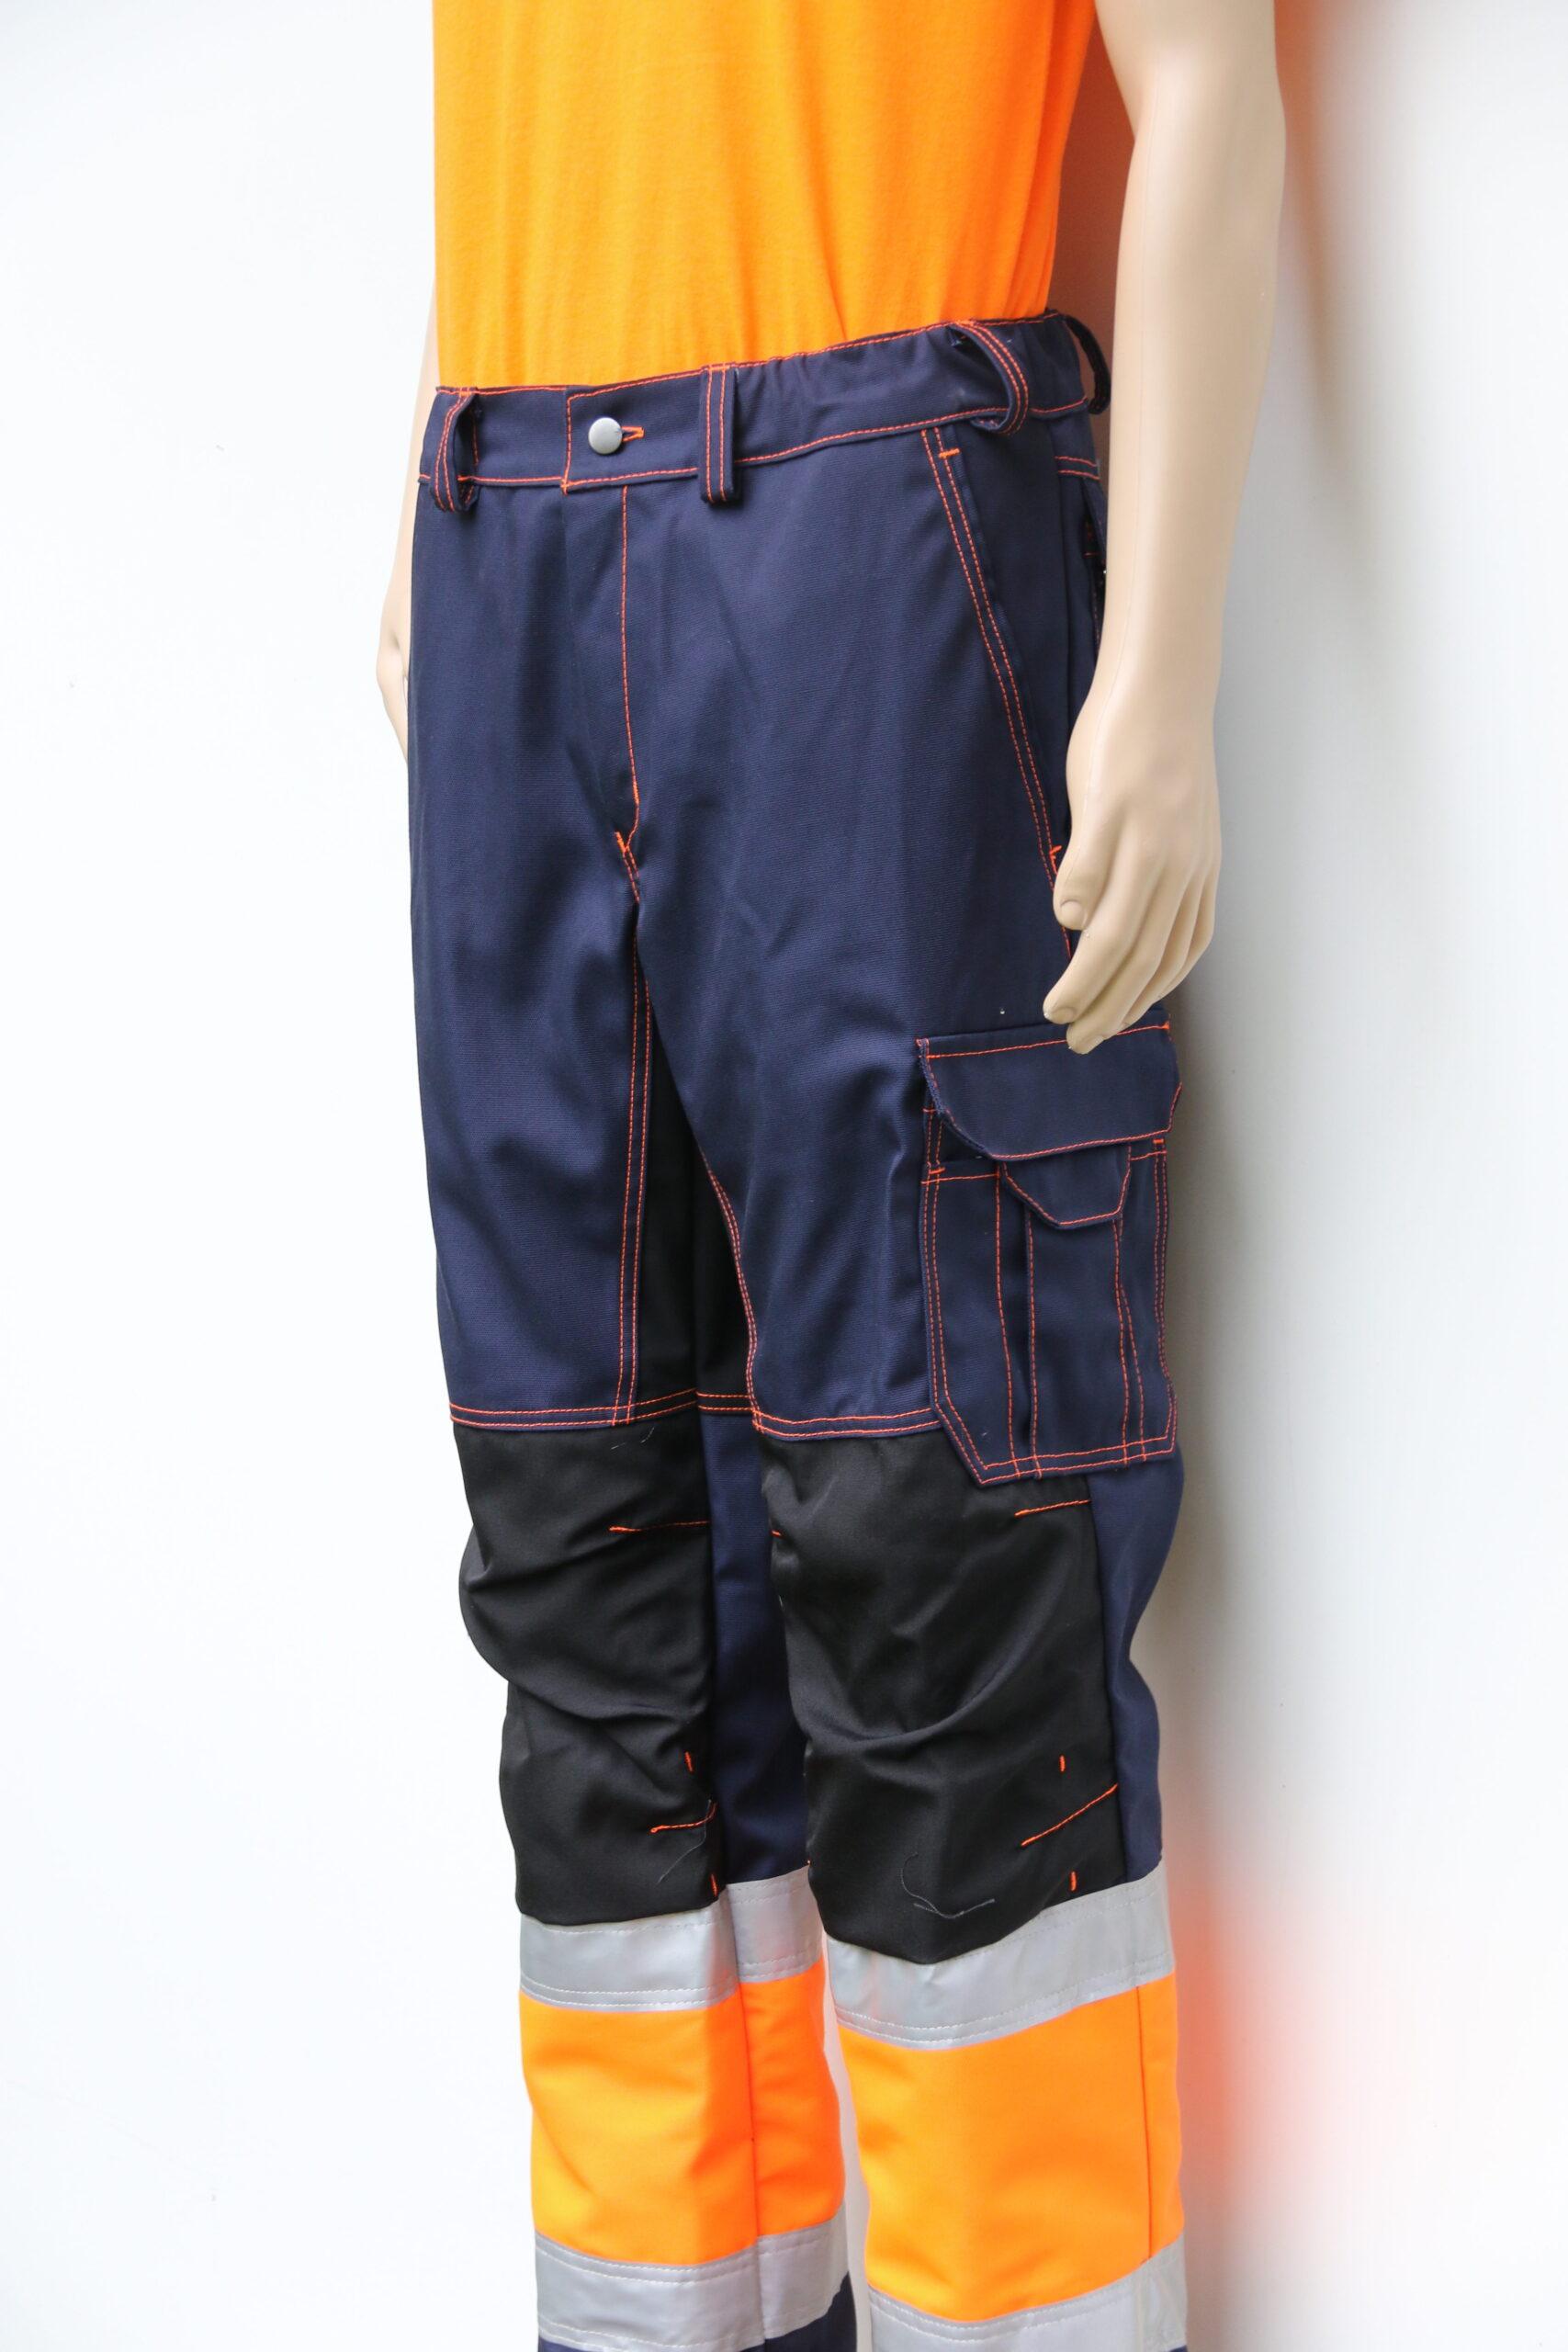 Multinorm sädemekindlad püksid FLAM 8